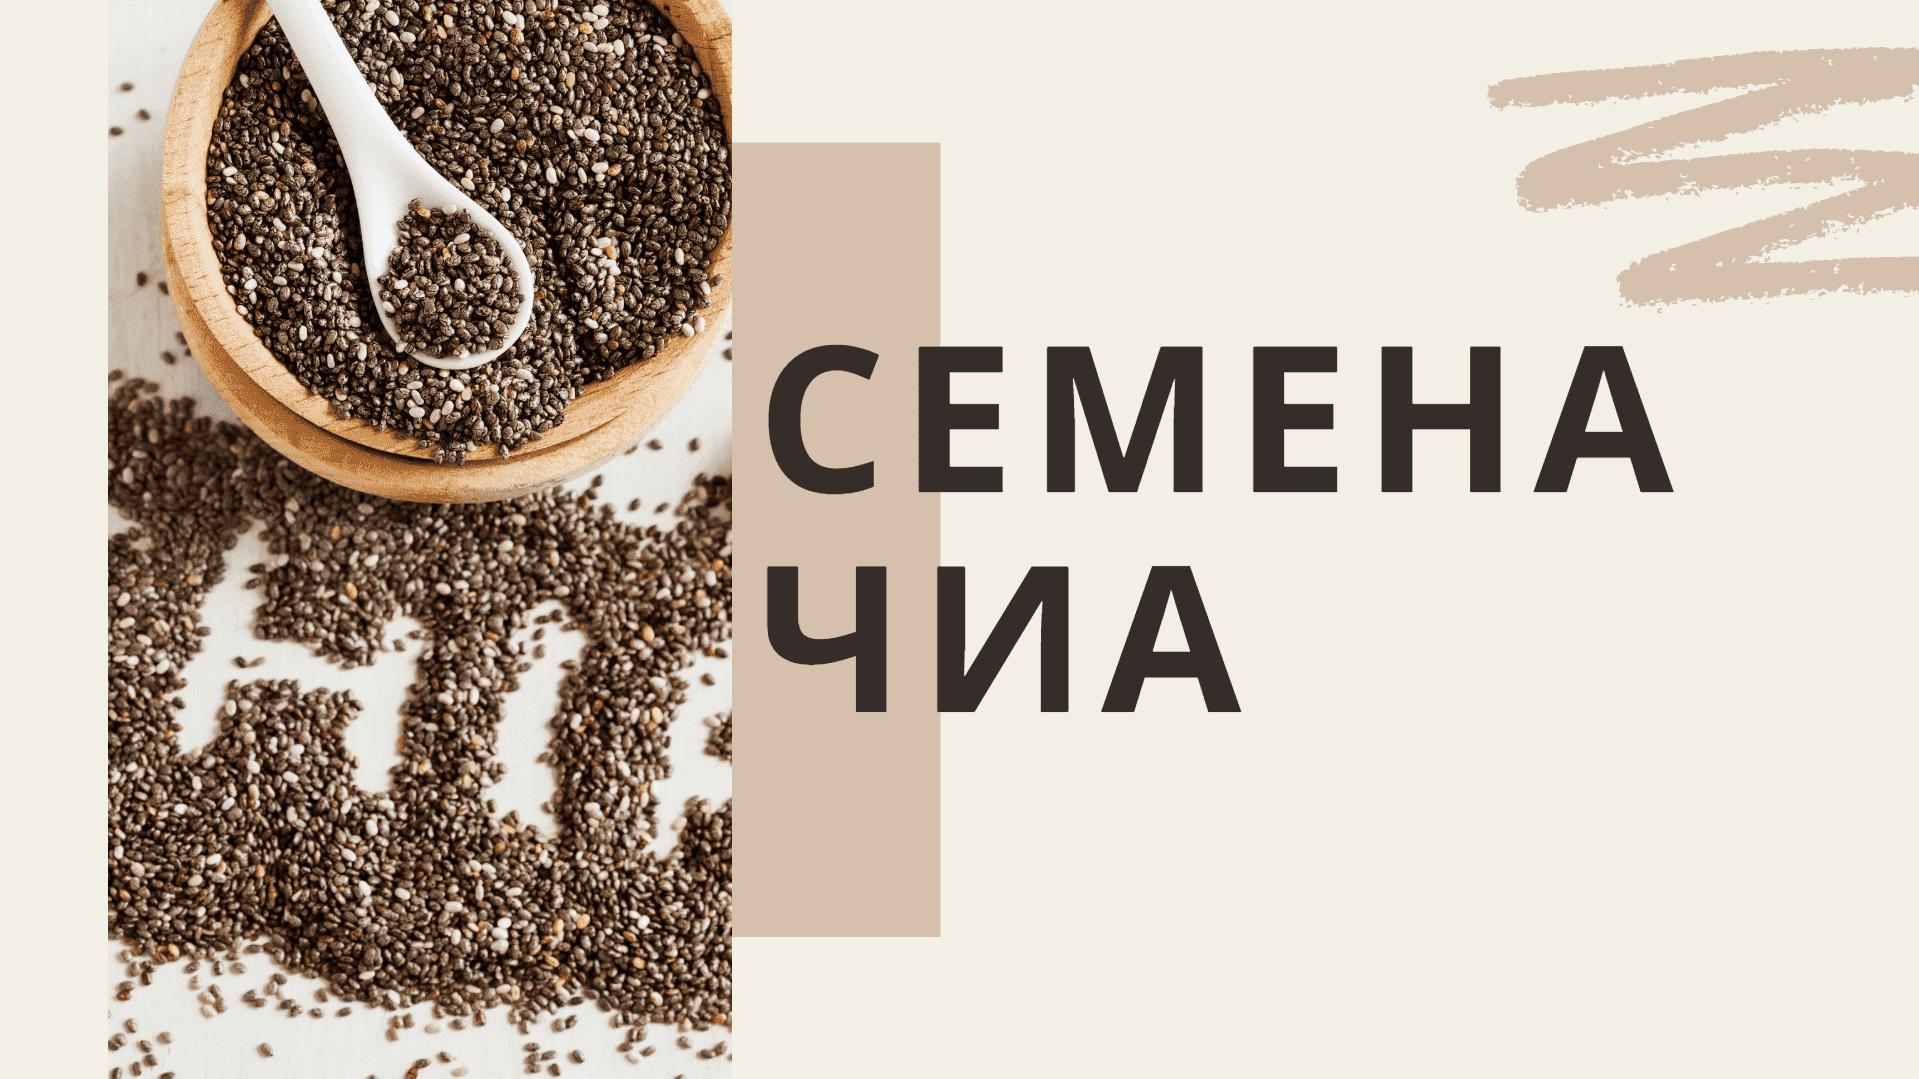 Семена Чиа: использование, рецепты, польза и вред